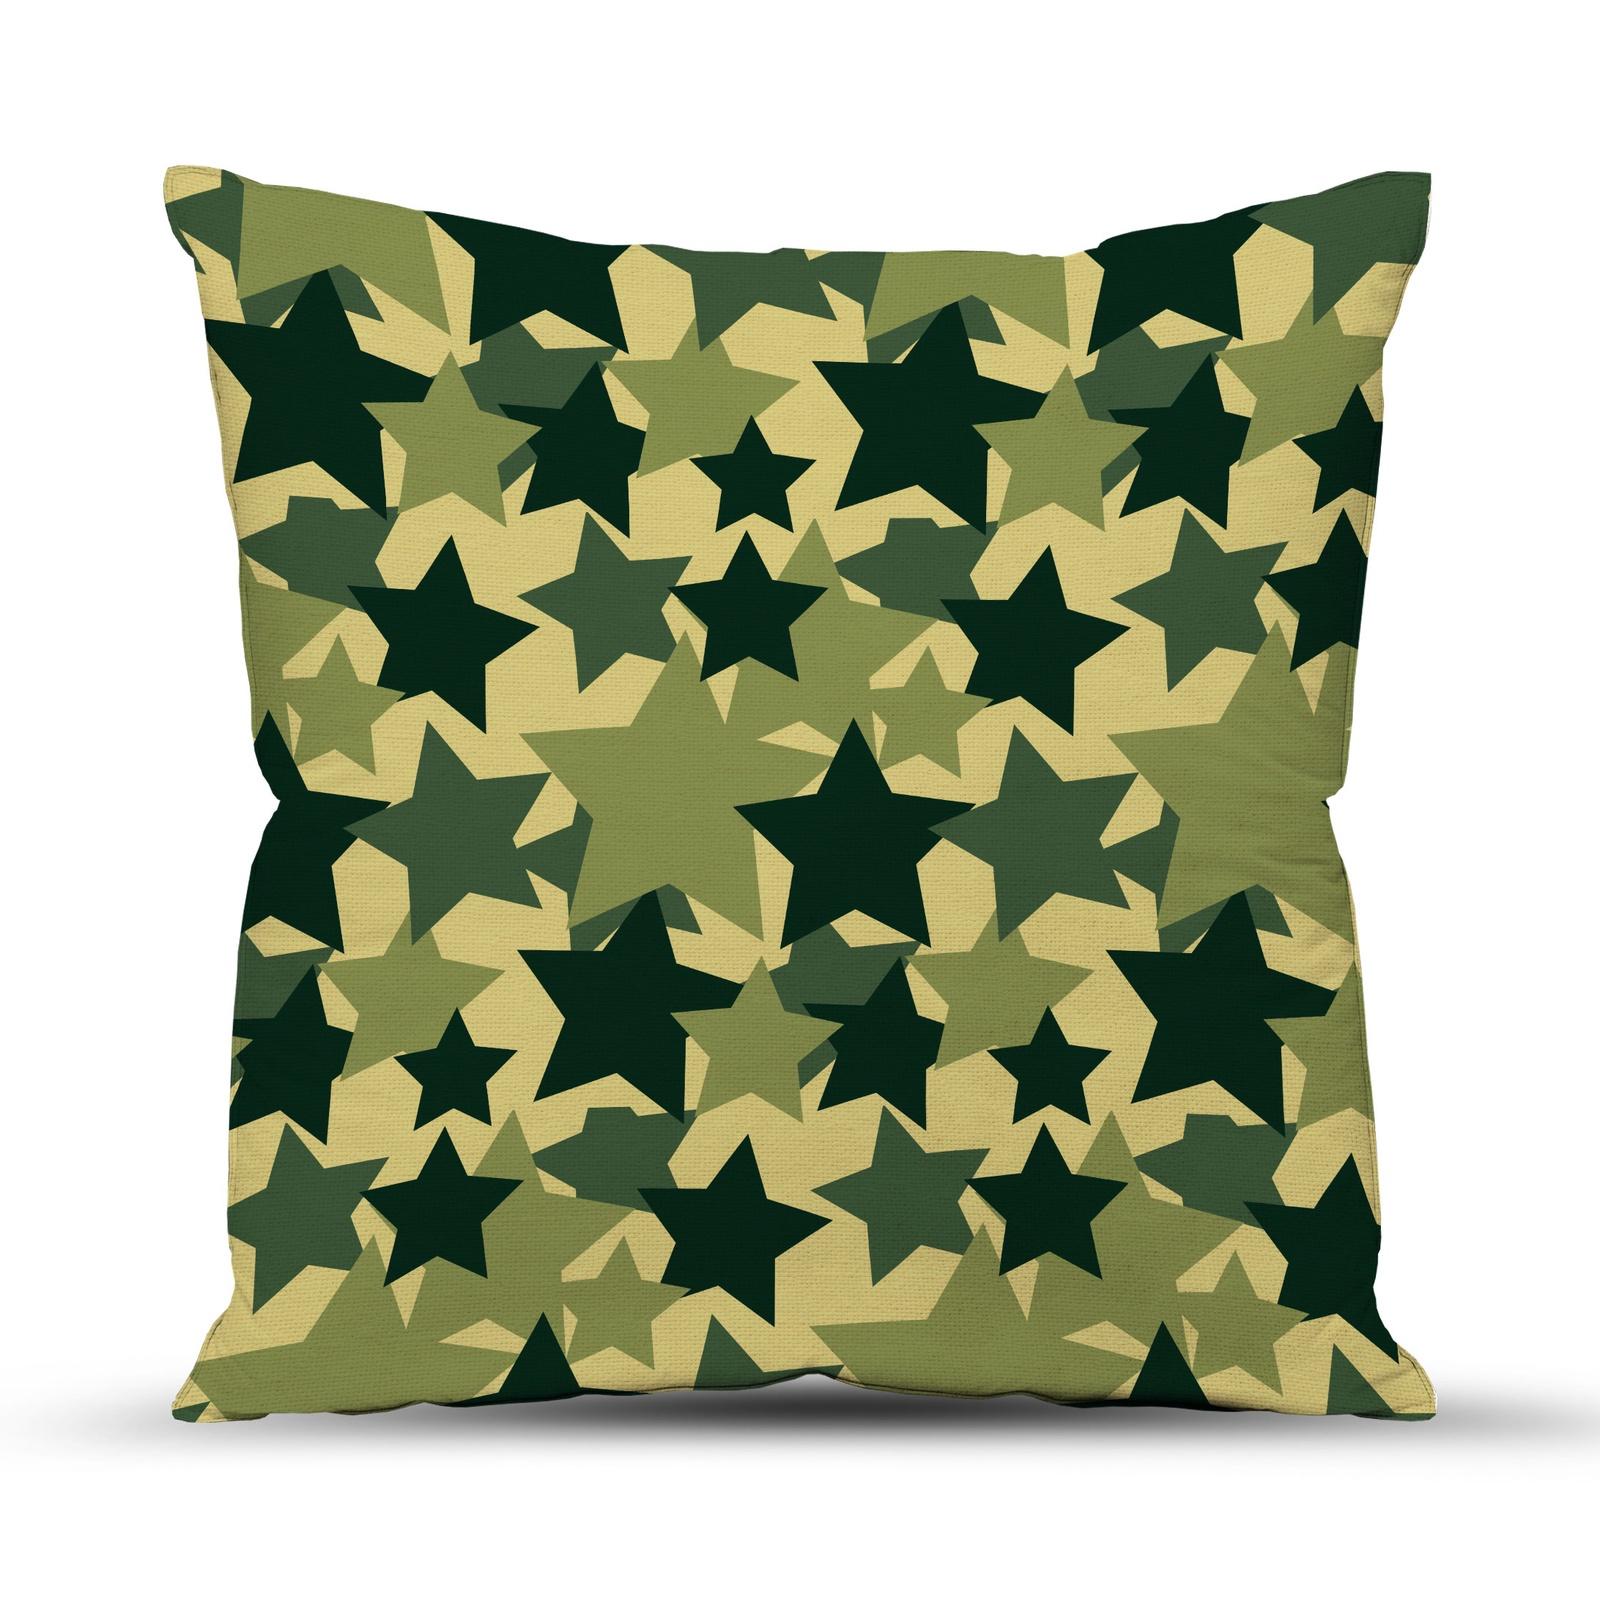 цена на Подушка декоративная ТК Традиция 23 февраля, для интерьера, 4052/Звезды, зеленый